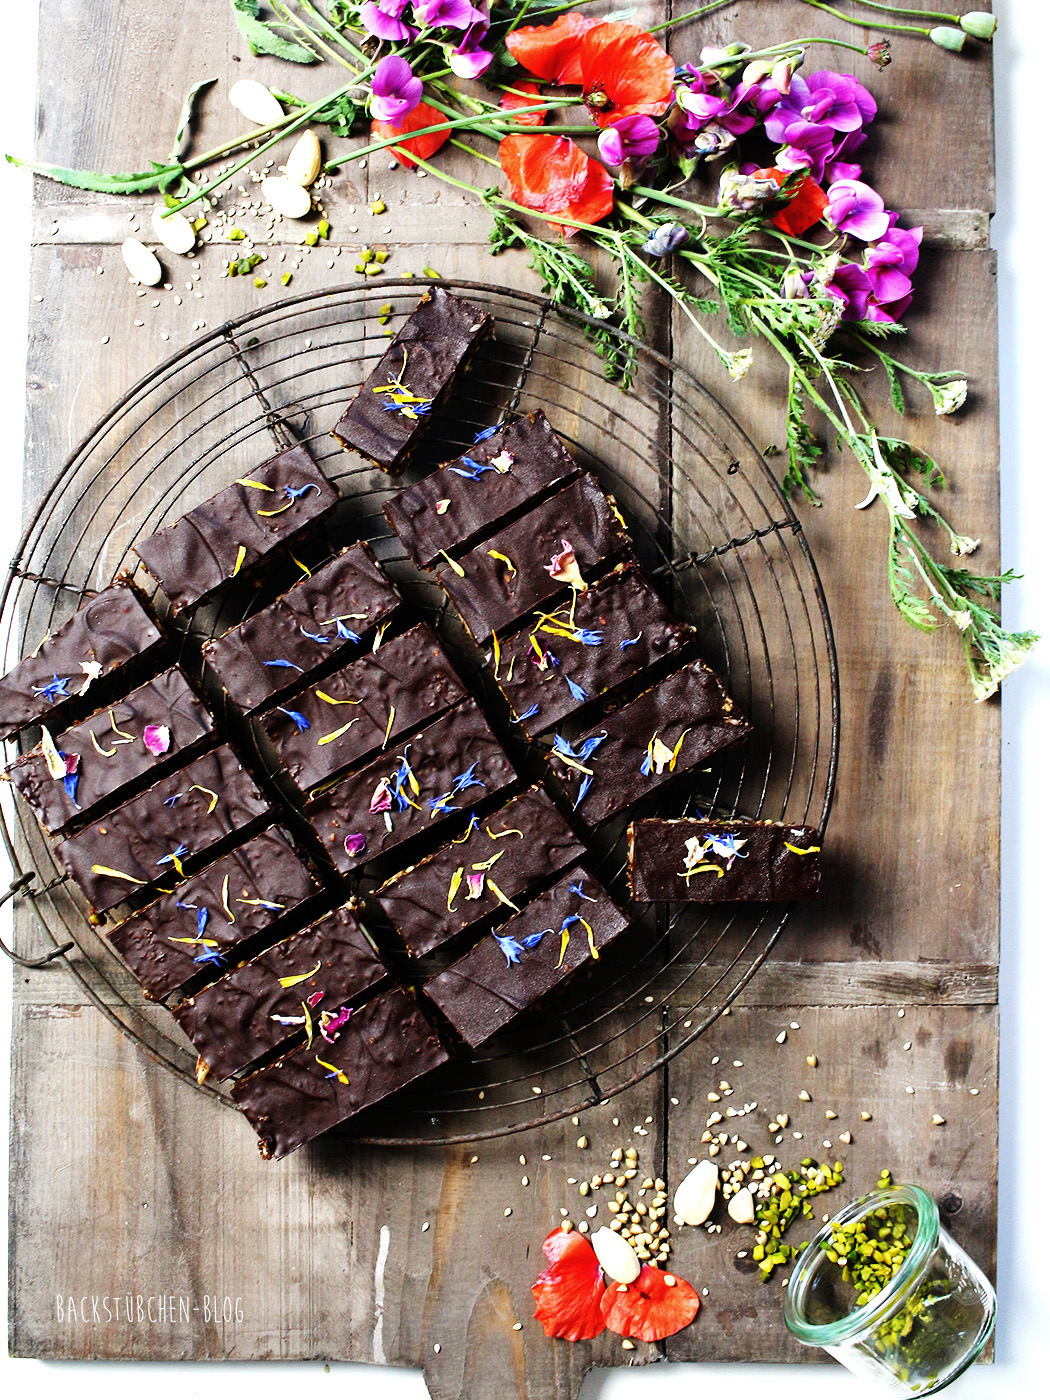 #SuperfoodSamstag bei feiertäglich mit einem Rezept für 10 Minuten-Superfood-Schokoriegel vom Backstübchen Blog